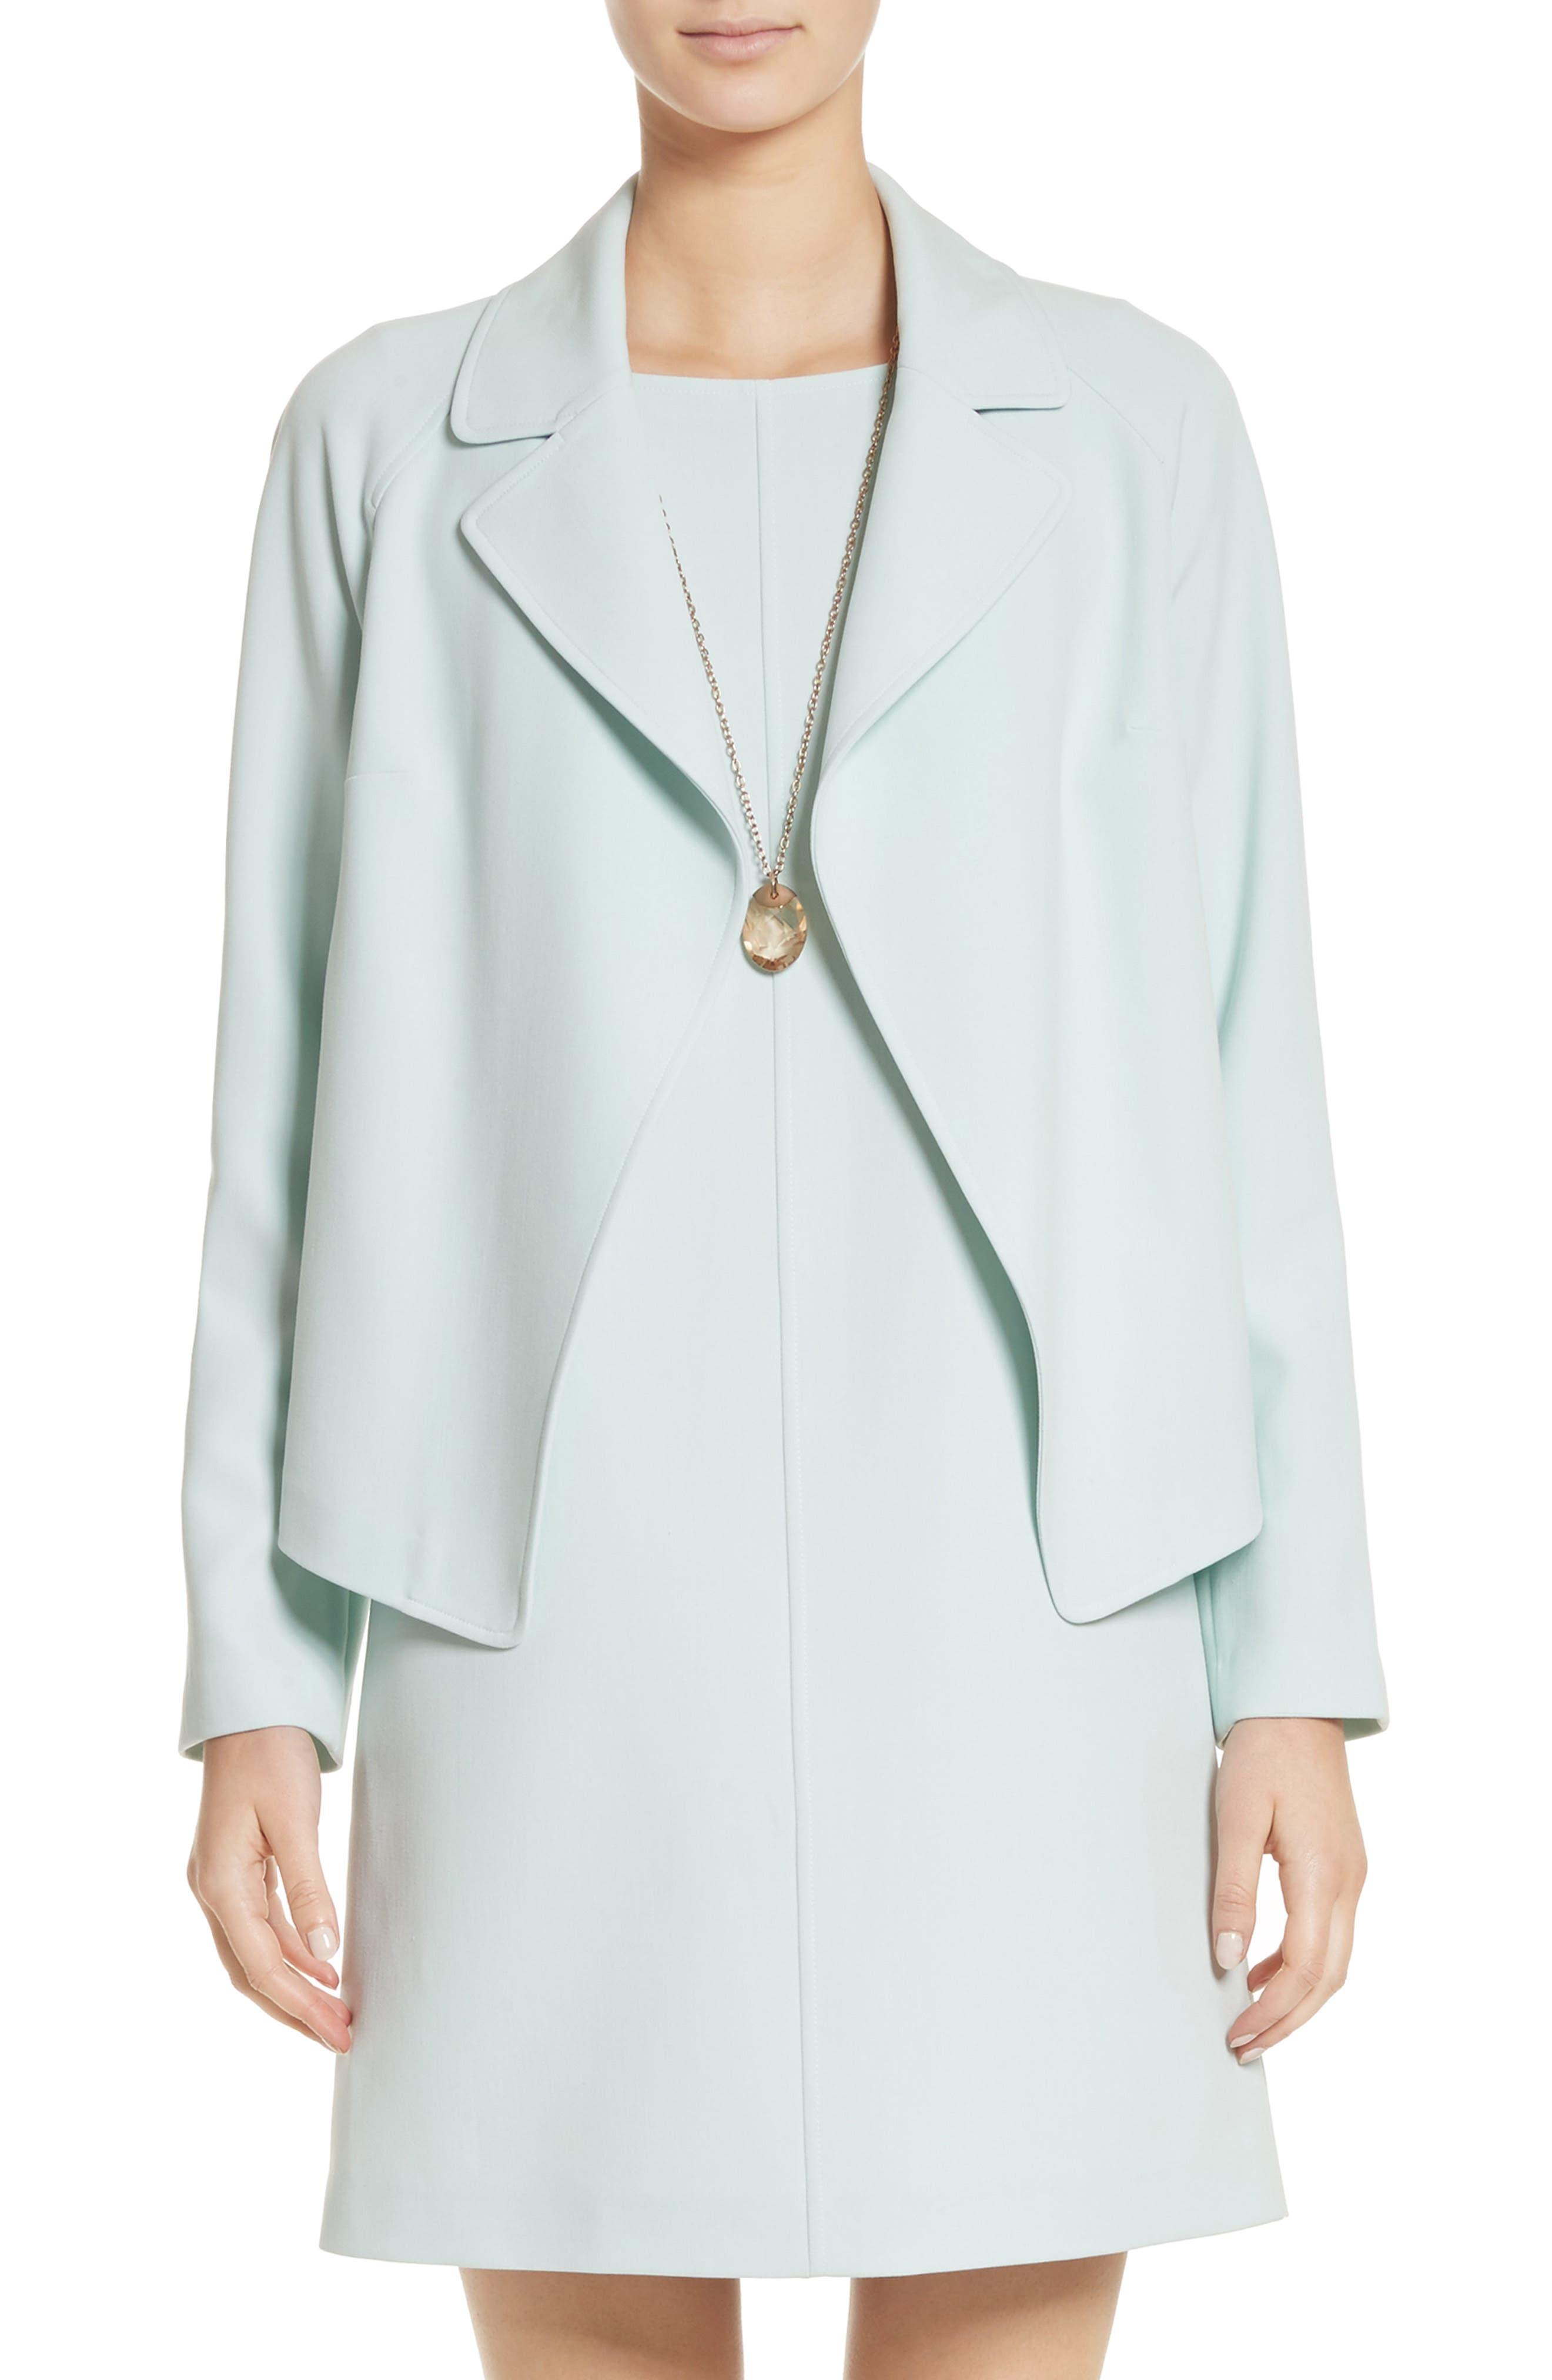 Bella Double Weave Jacket,                             Main thumbnail 1, color,                             Mint